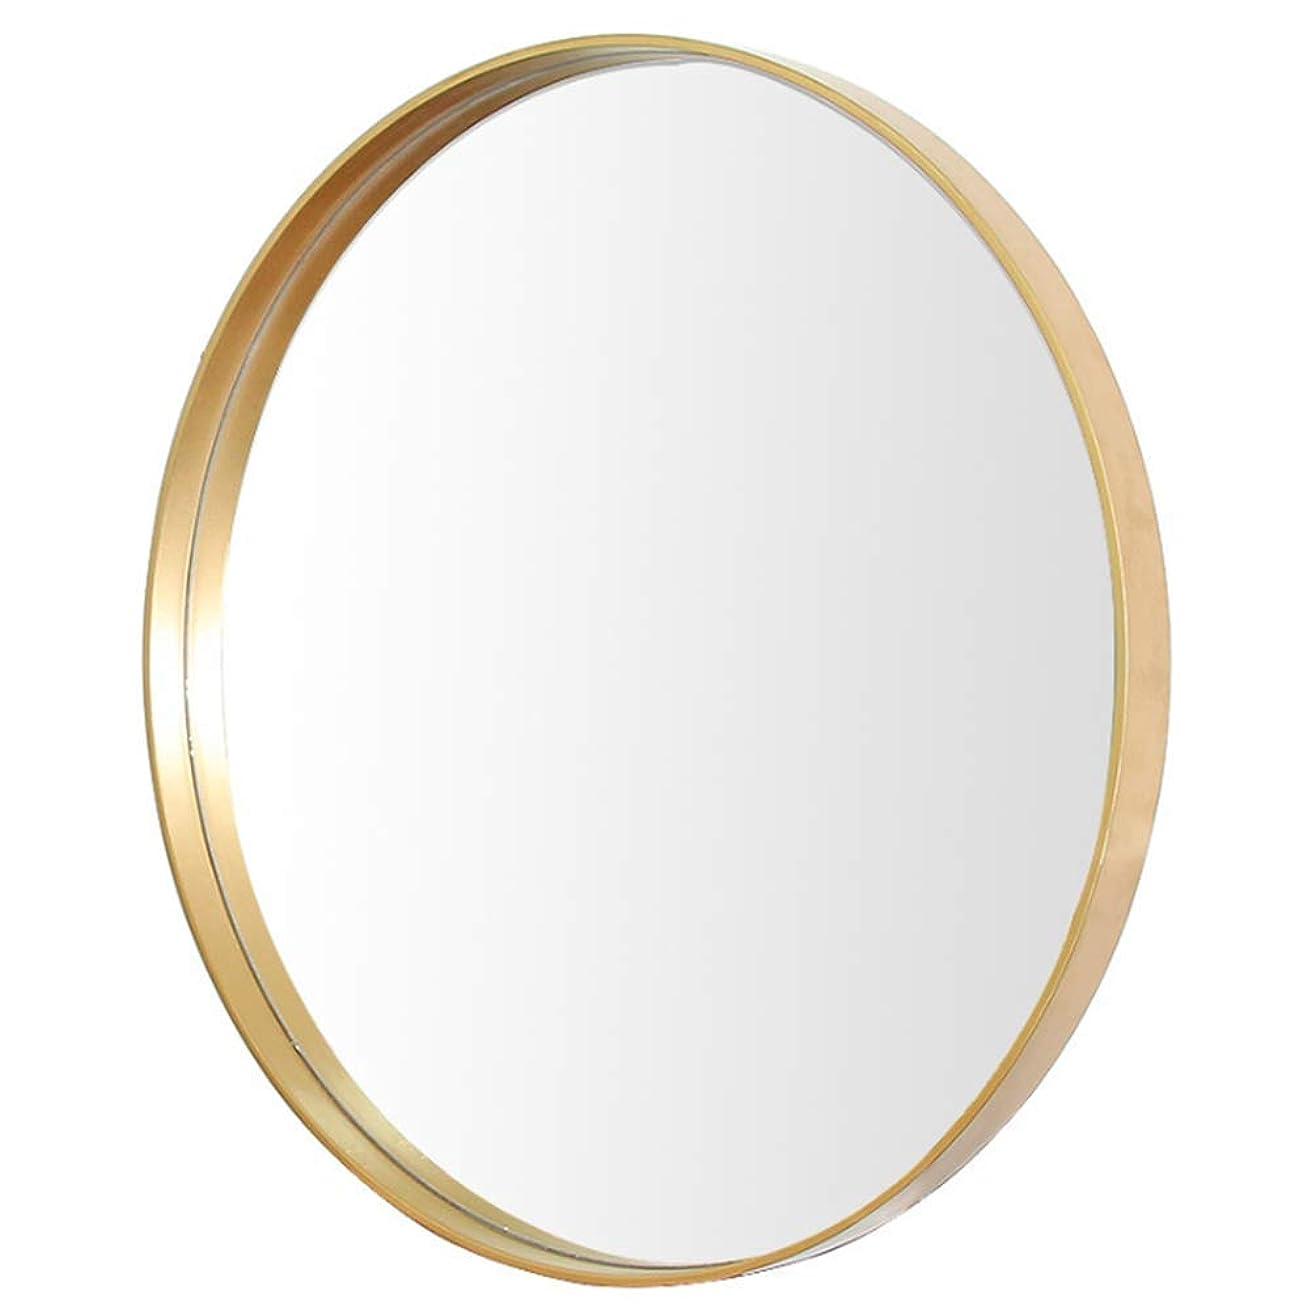 大事にする企業アルカトラズ島クロム被覆金属片面化粧鏡ゴールデン40センチメートルのラウンドバスルームの鏡小無霧のシャワーミラーメイド